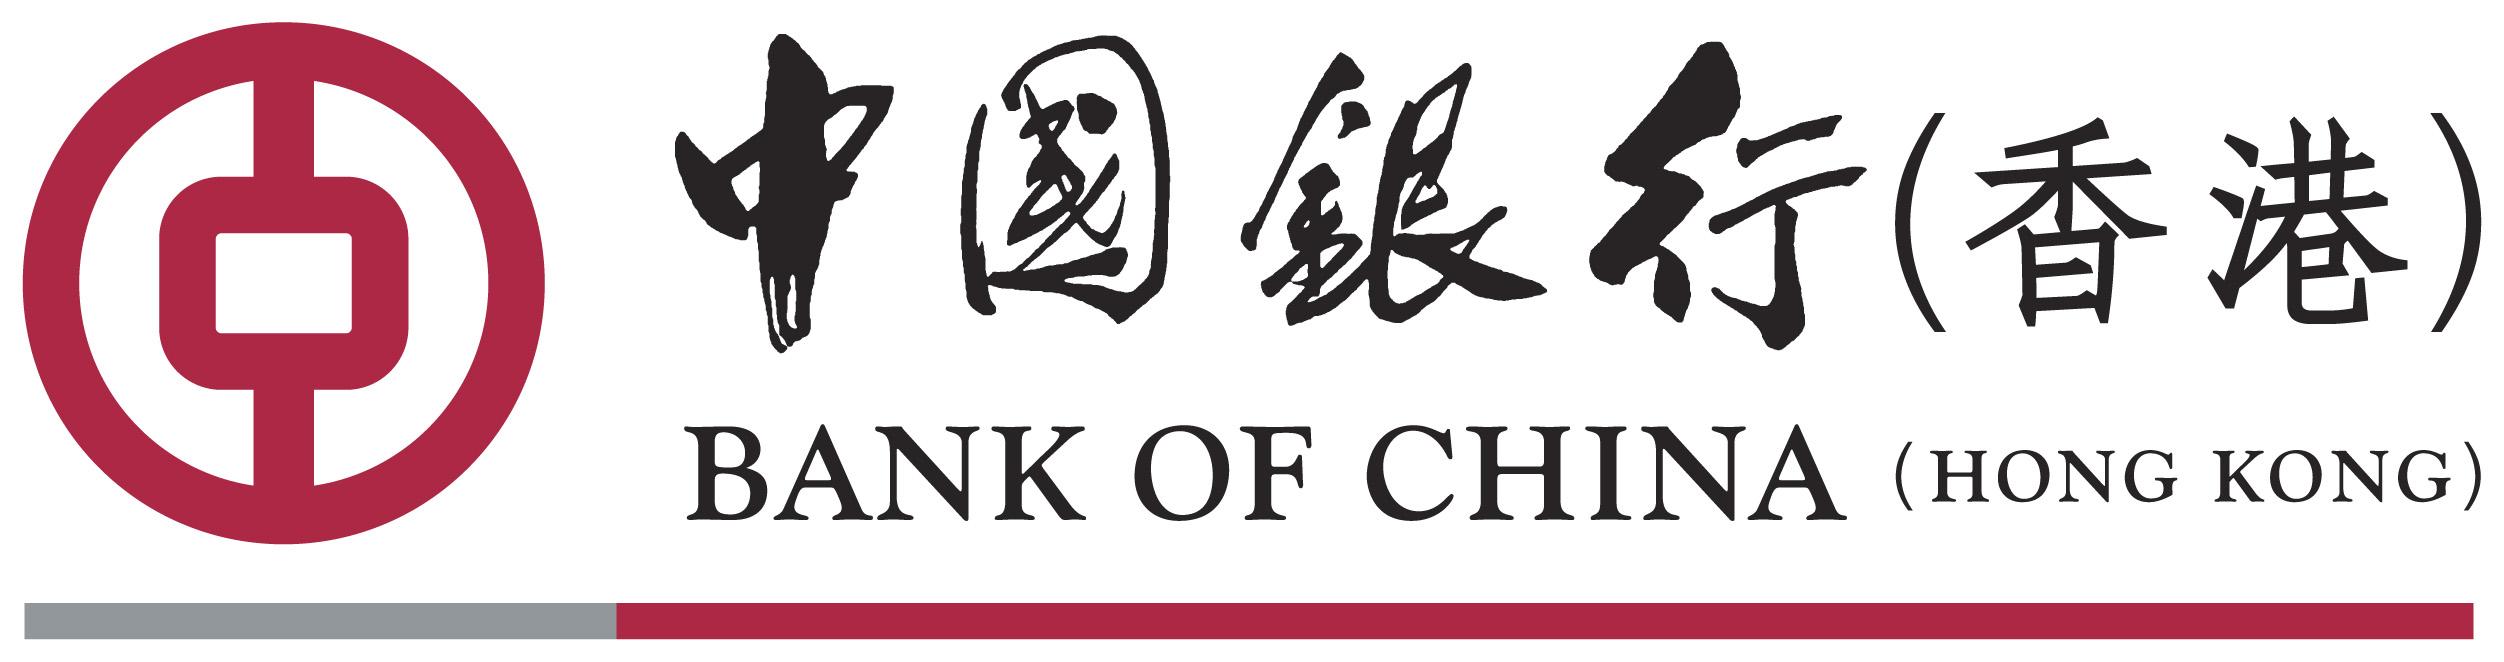 中國銀行 (香港) 有限公司